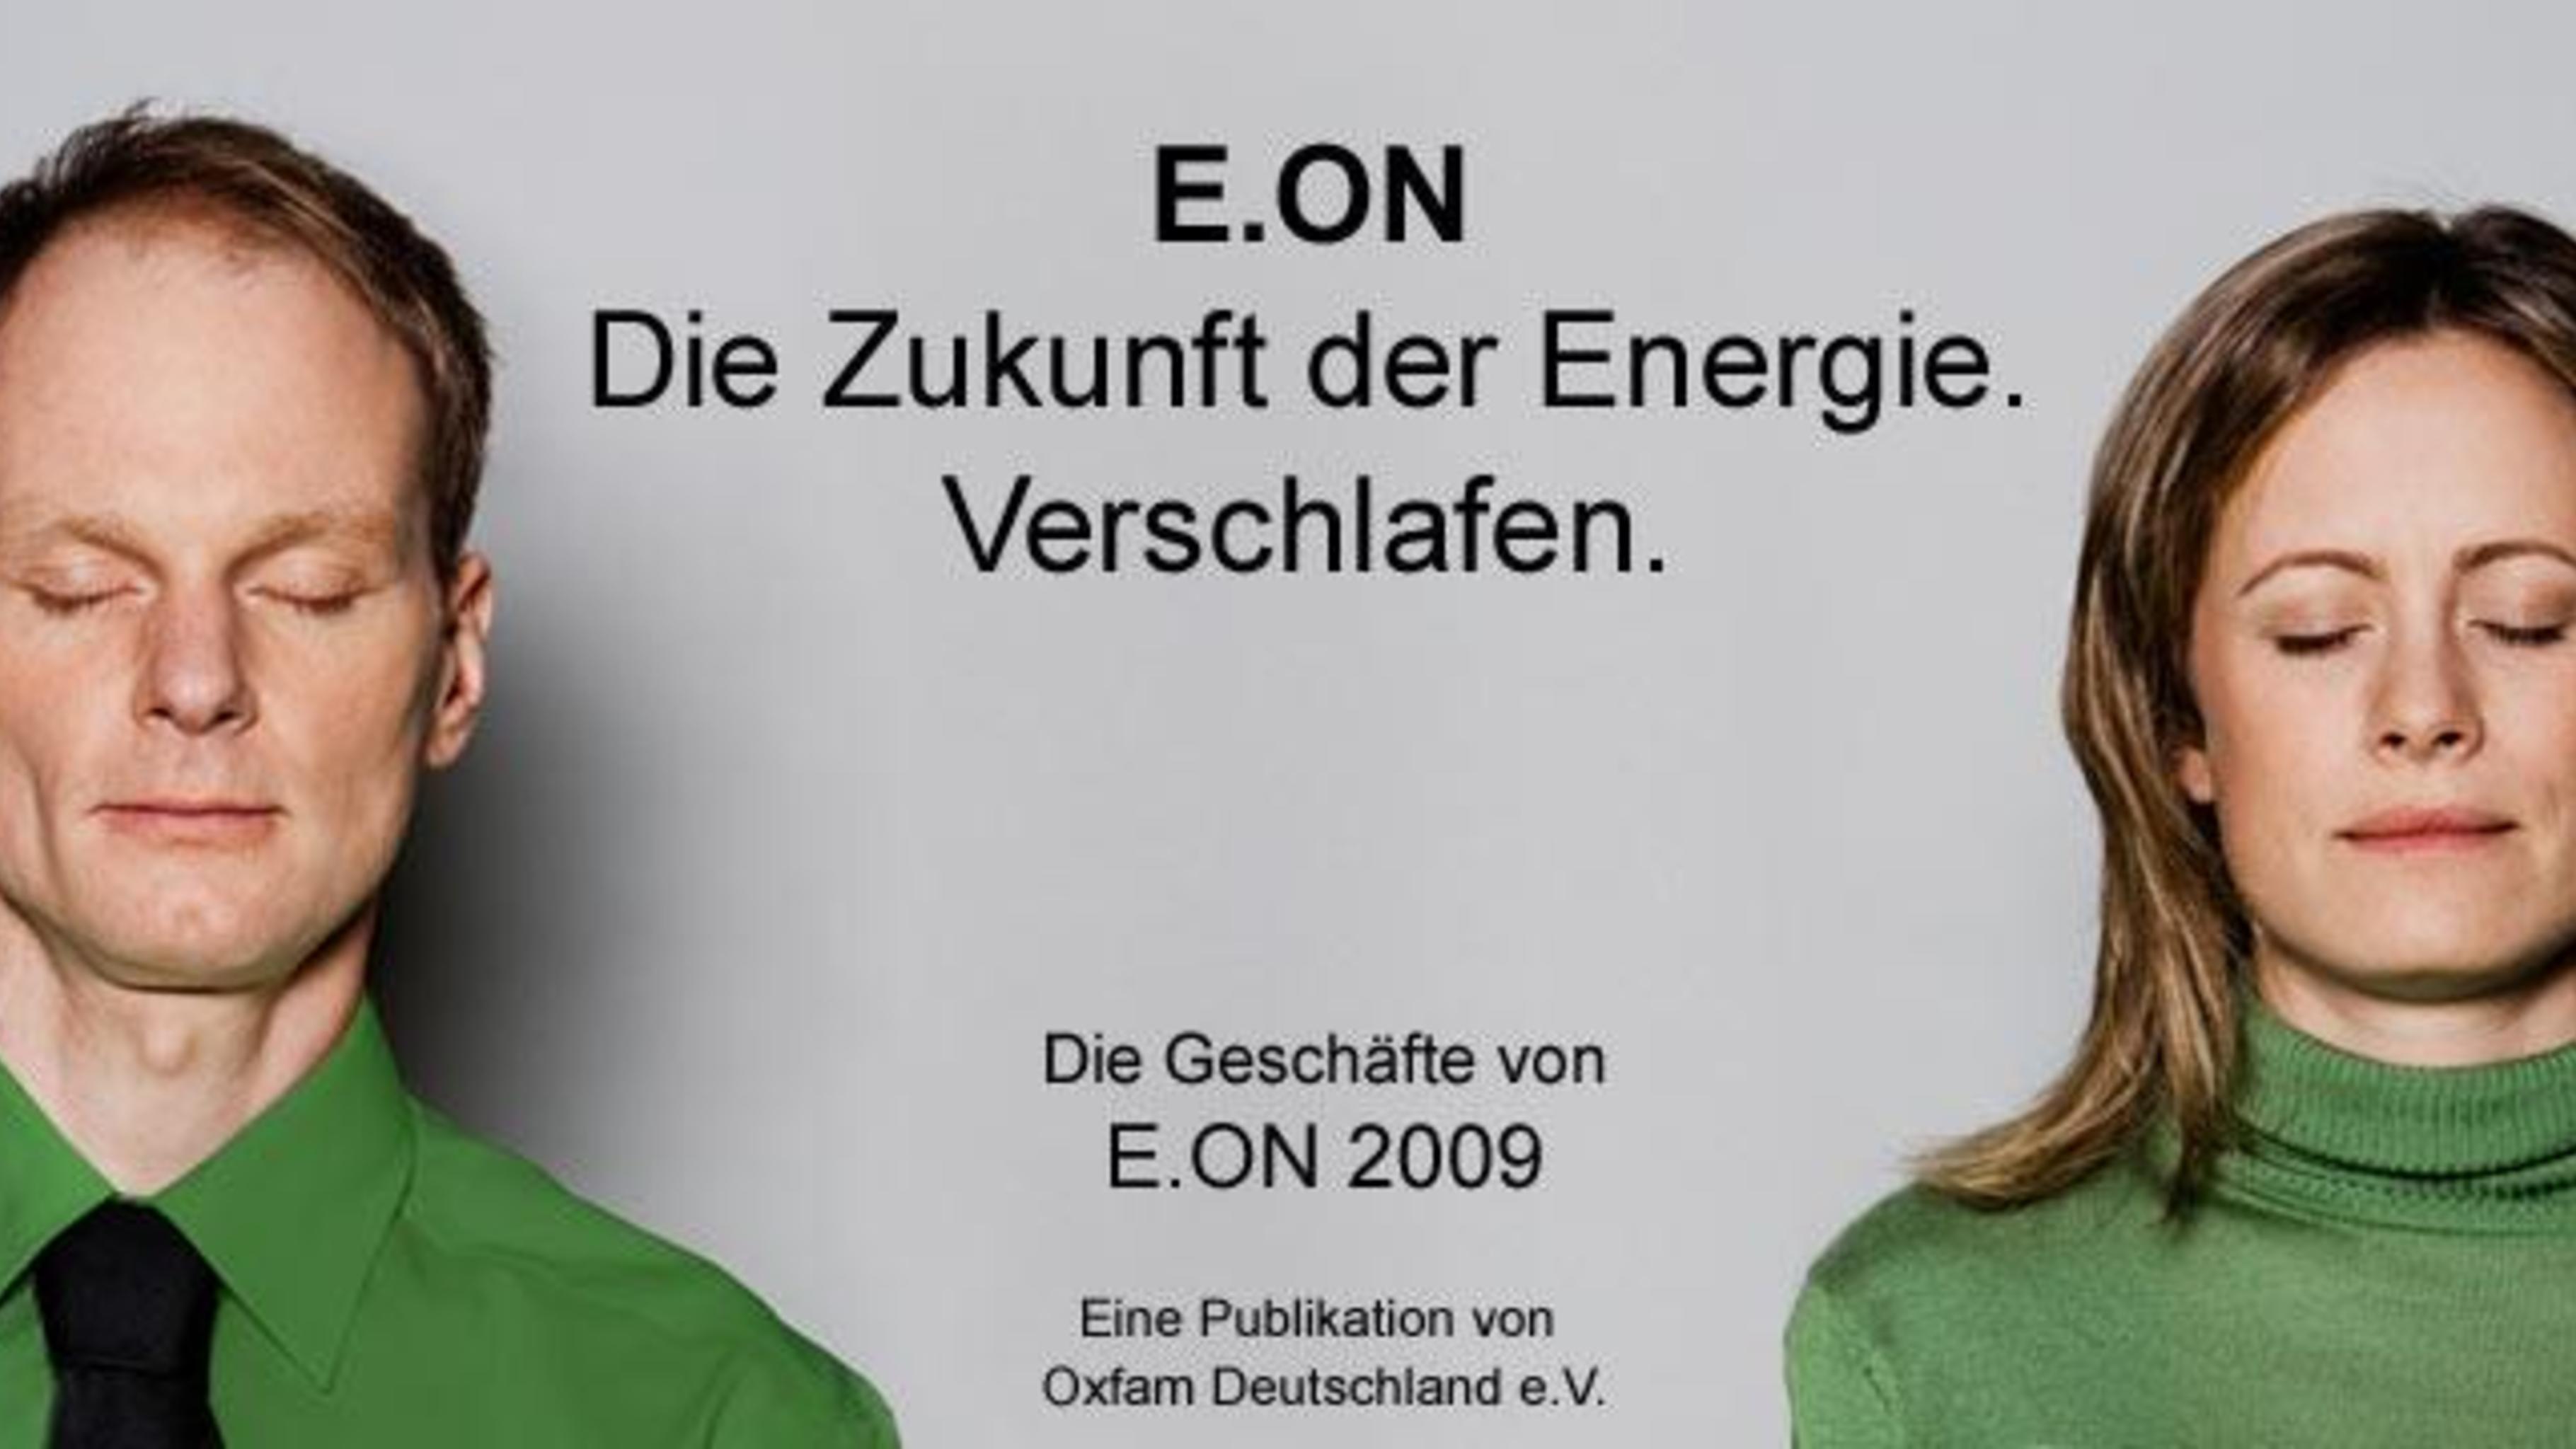 """Foto: Titelbild des Berichts  """"E.ON. Die Zukunft der Energie. Verschlafen."""""""